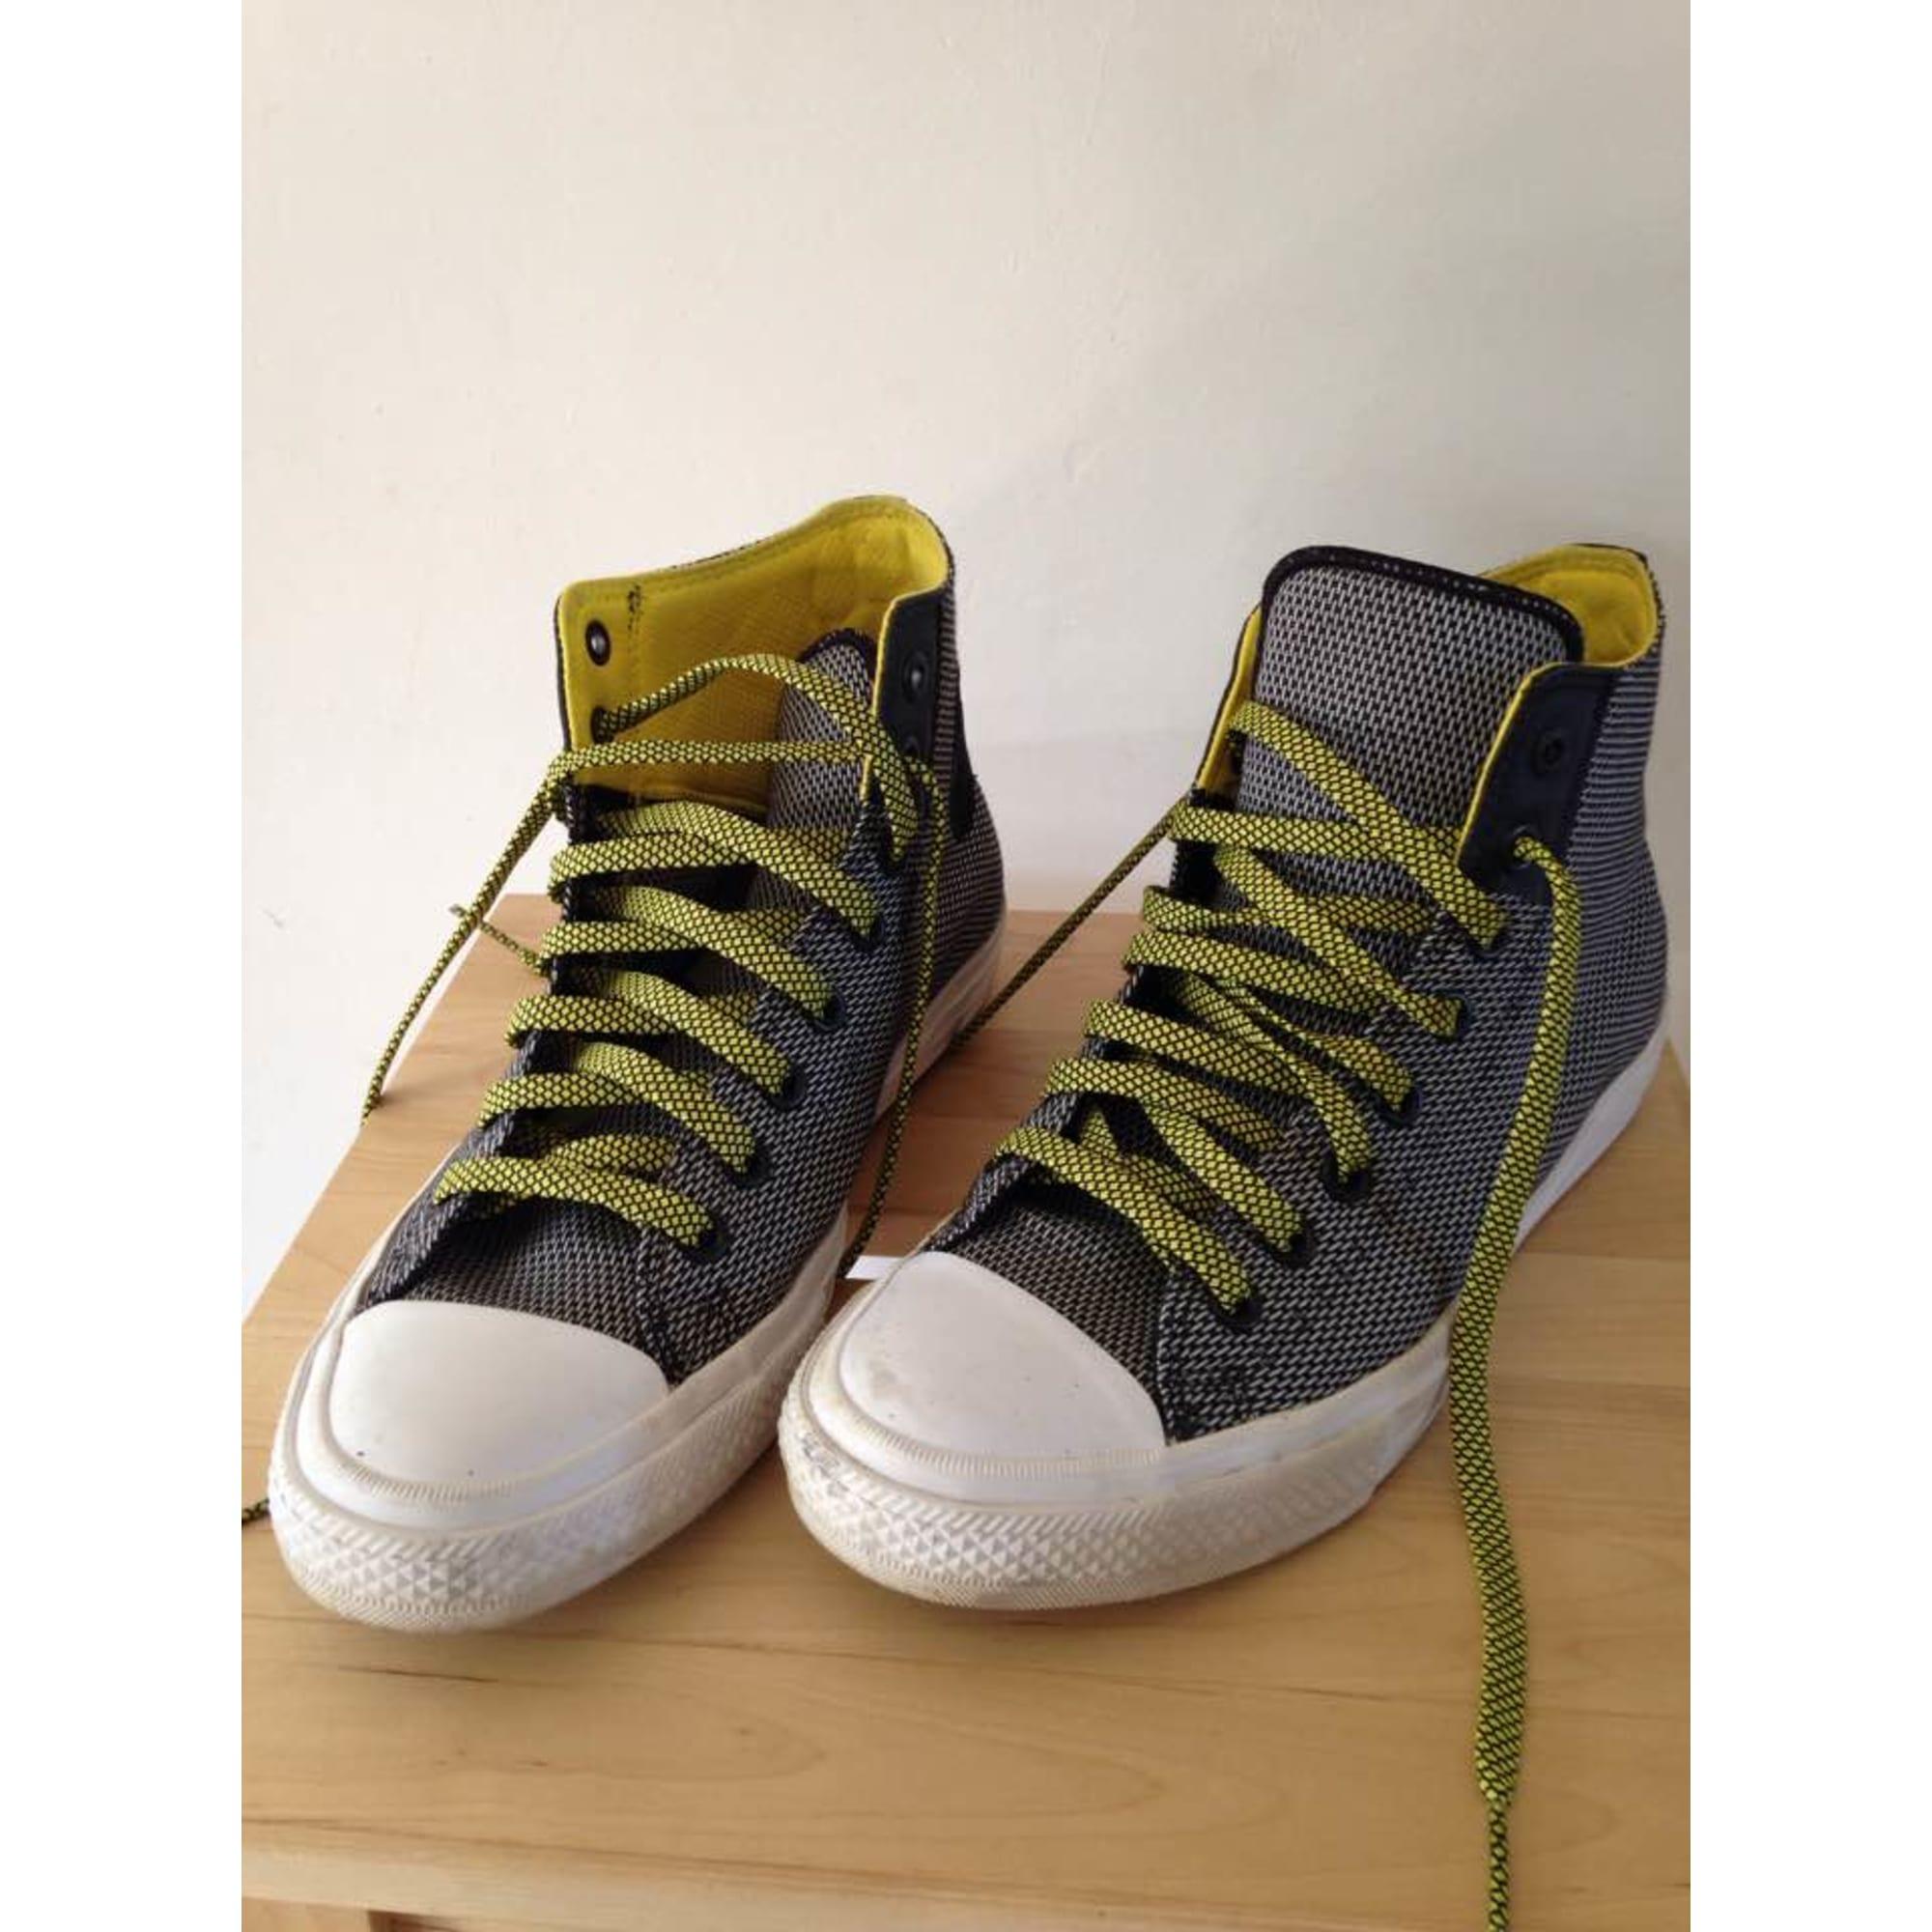 Chaussures Lacets Converse 7711909 À Multicouleur 5 42 8rqZ8A0w